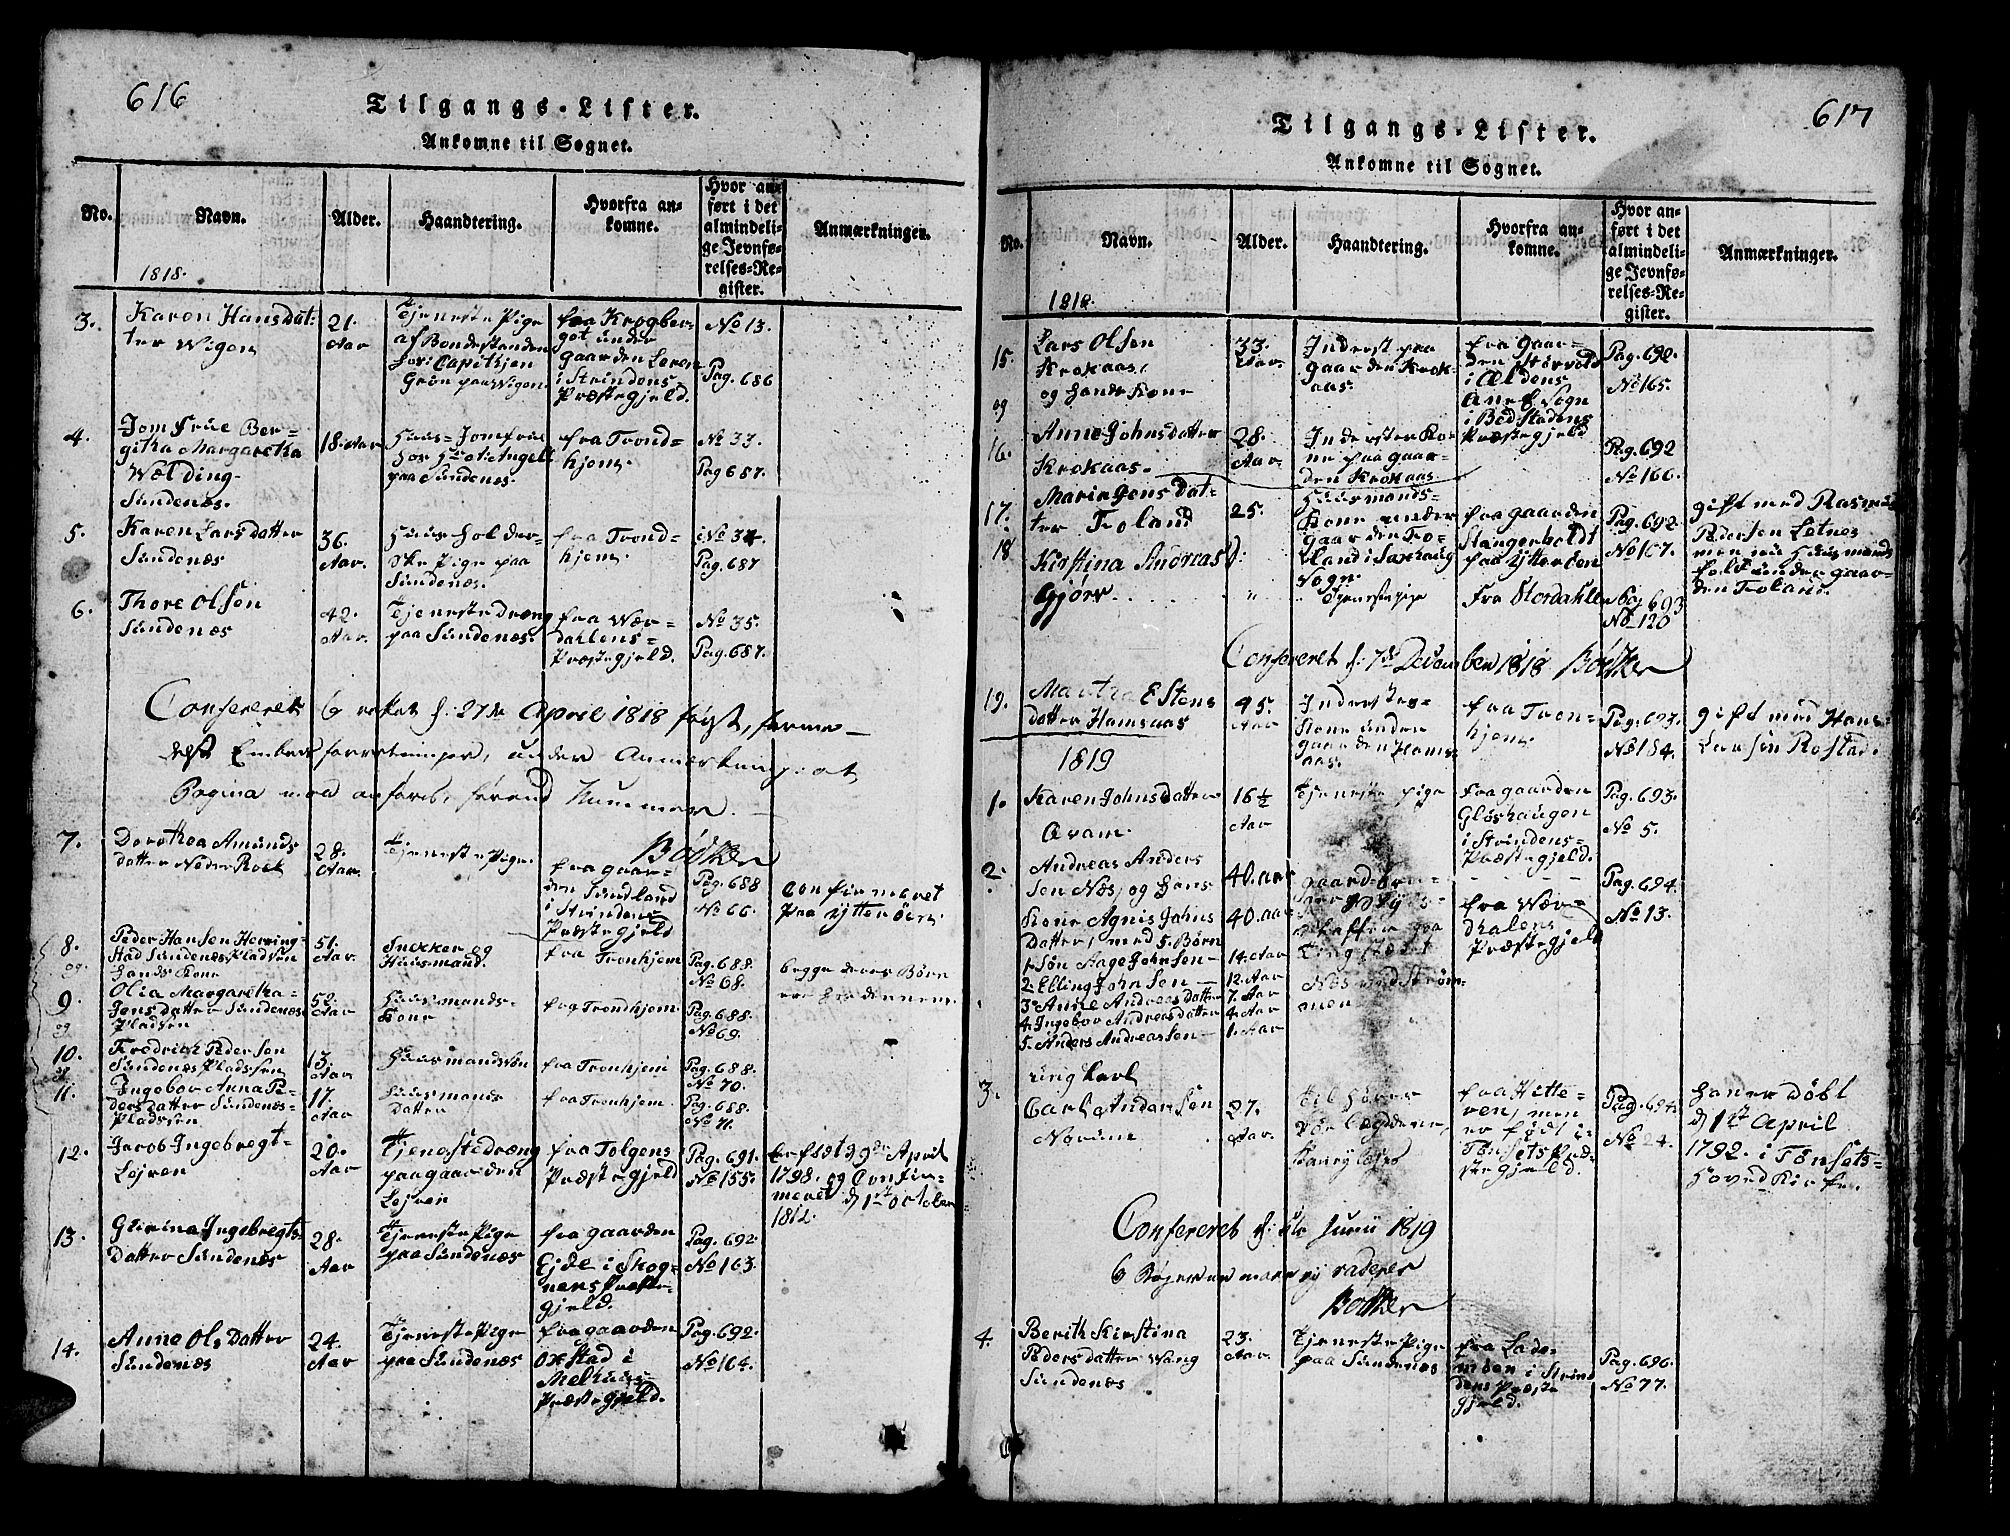 SAT, Ministerialprotokoller, klokkerbøker og fødselsregistre - Nord-Trøndelag, 730/L0298: Klokkerbok nr. 730C01, 1816-1849, s. 616-617